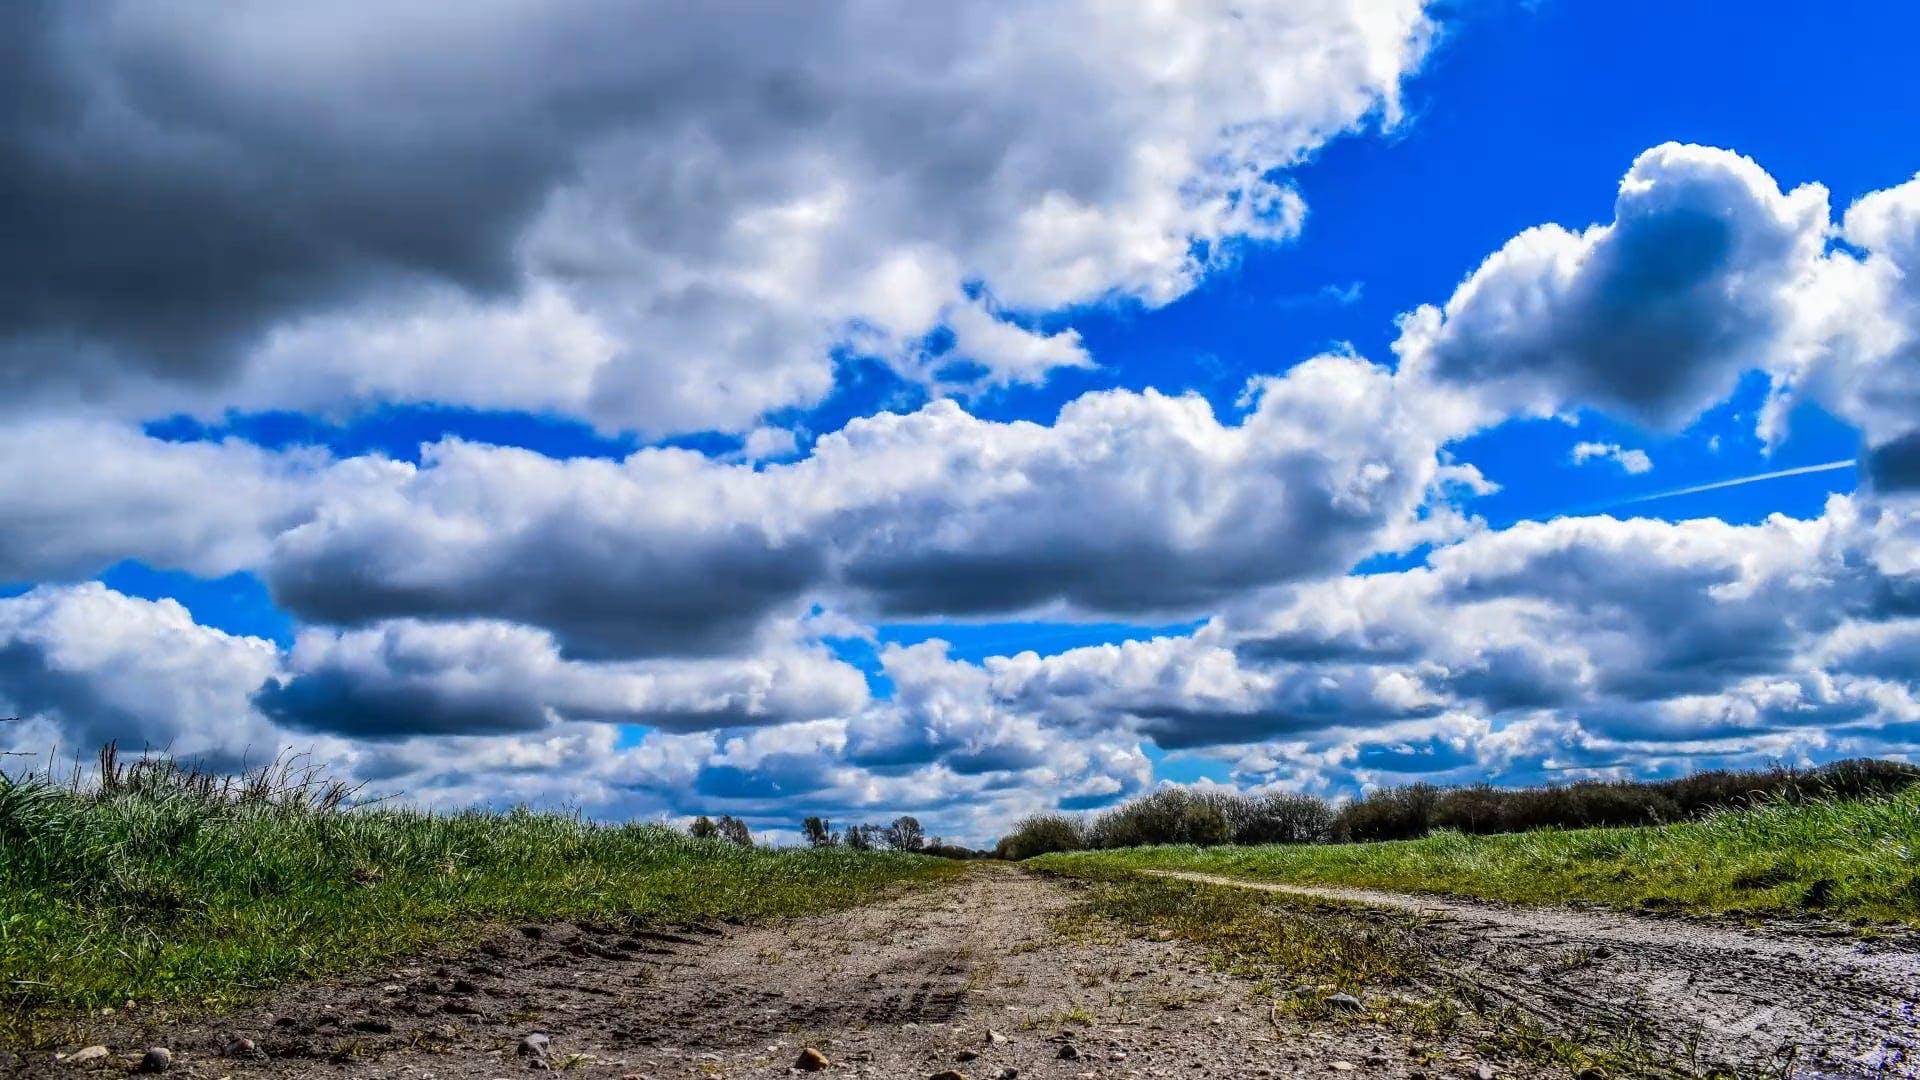 Clouds Under A Blue Sky